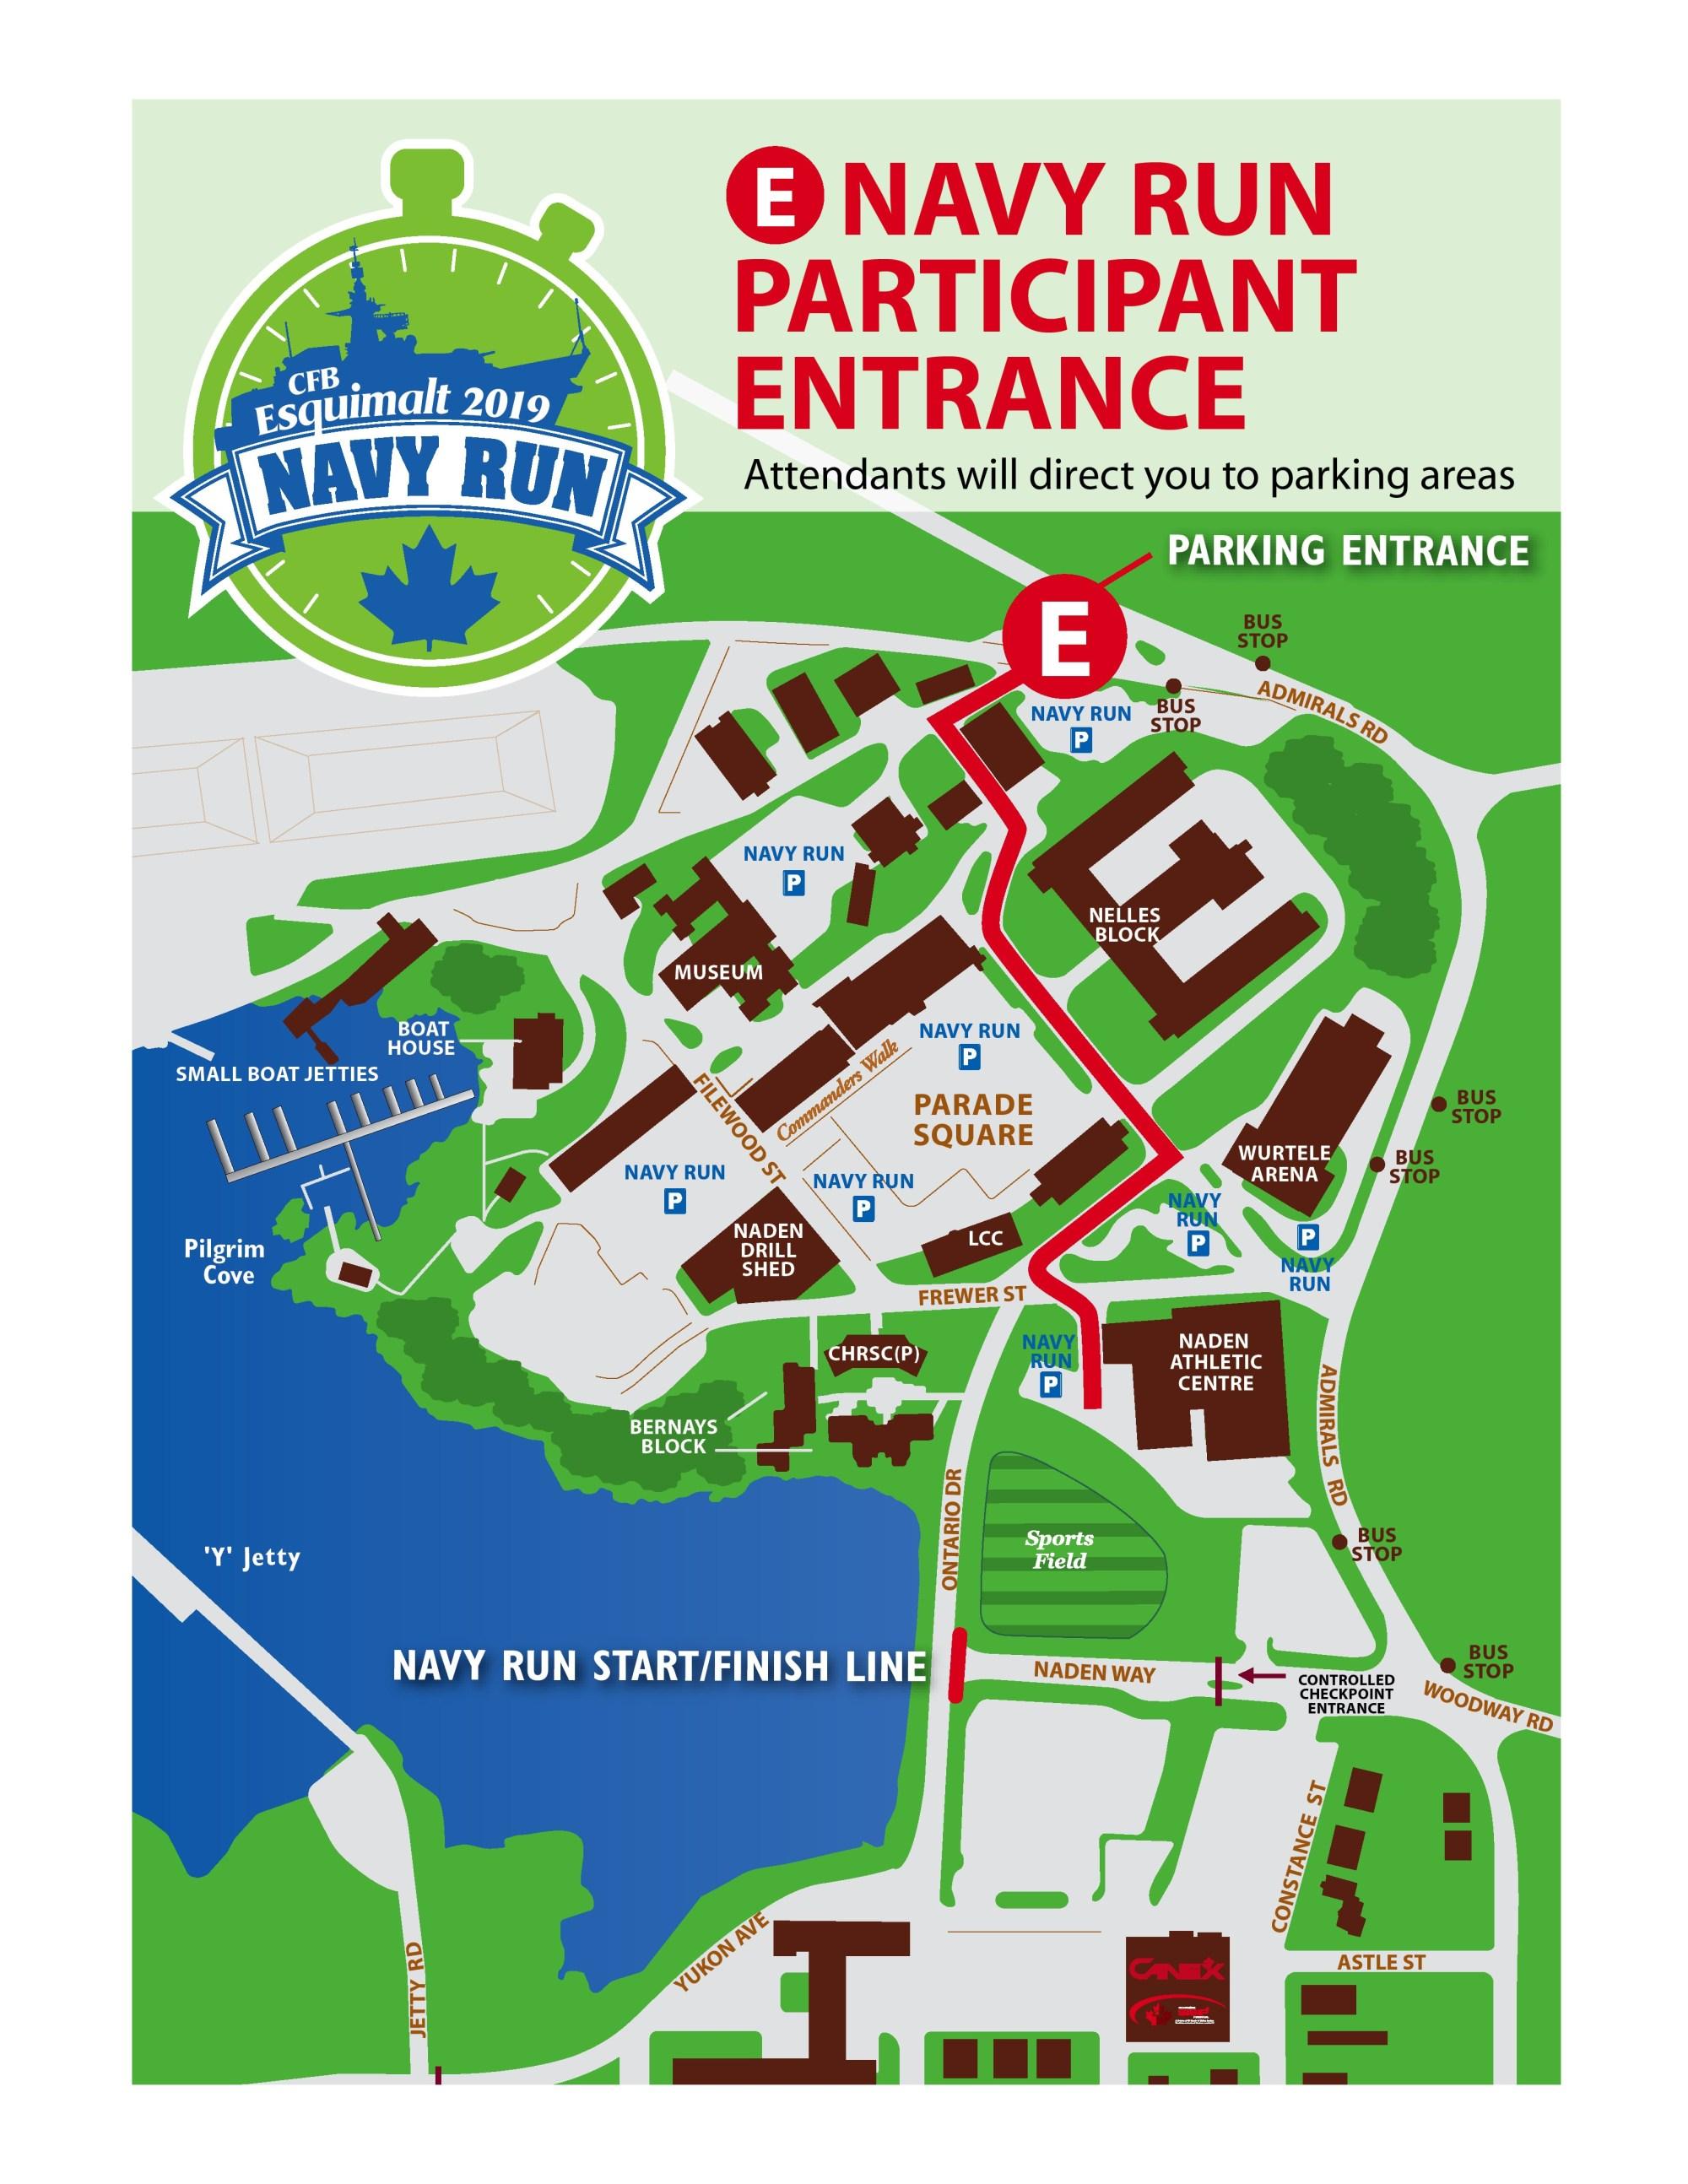 Navy run parking map